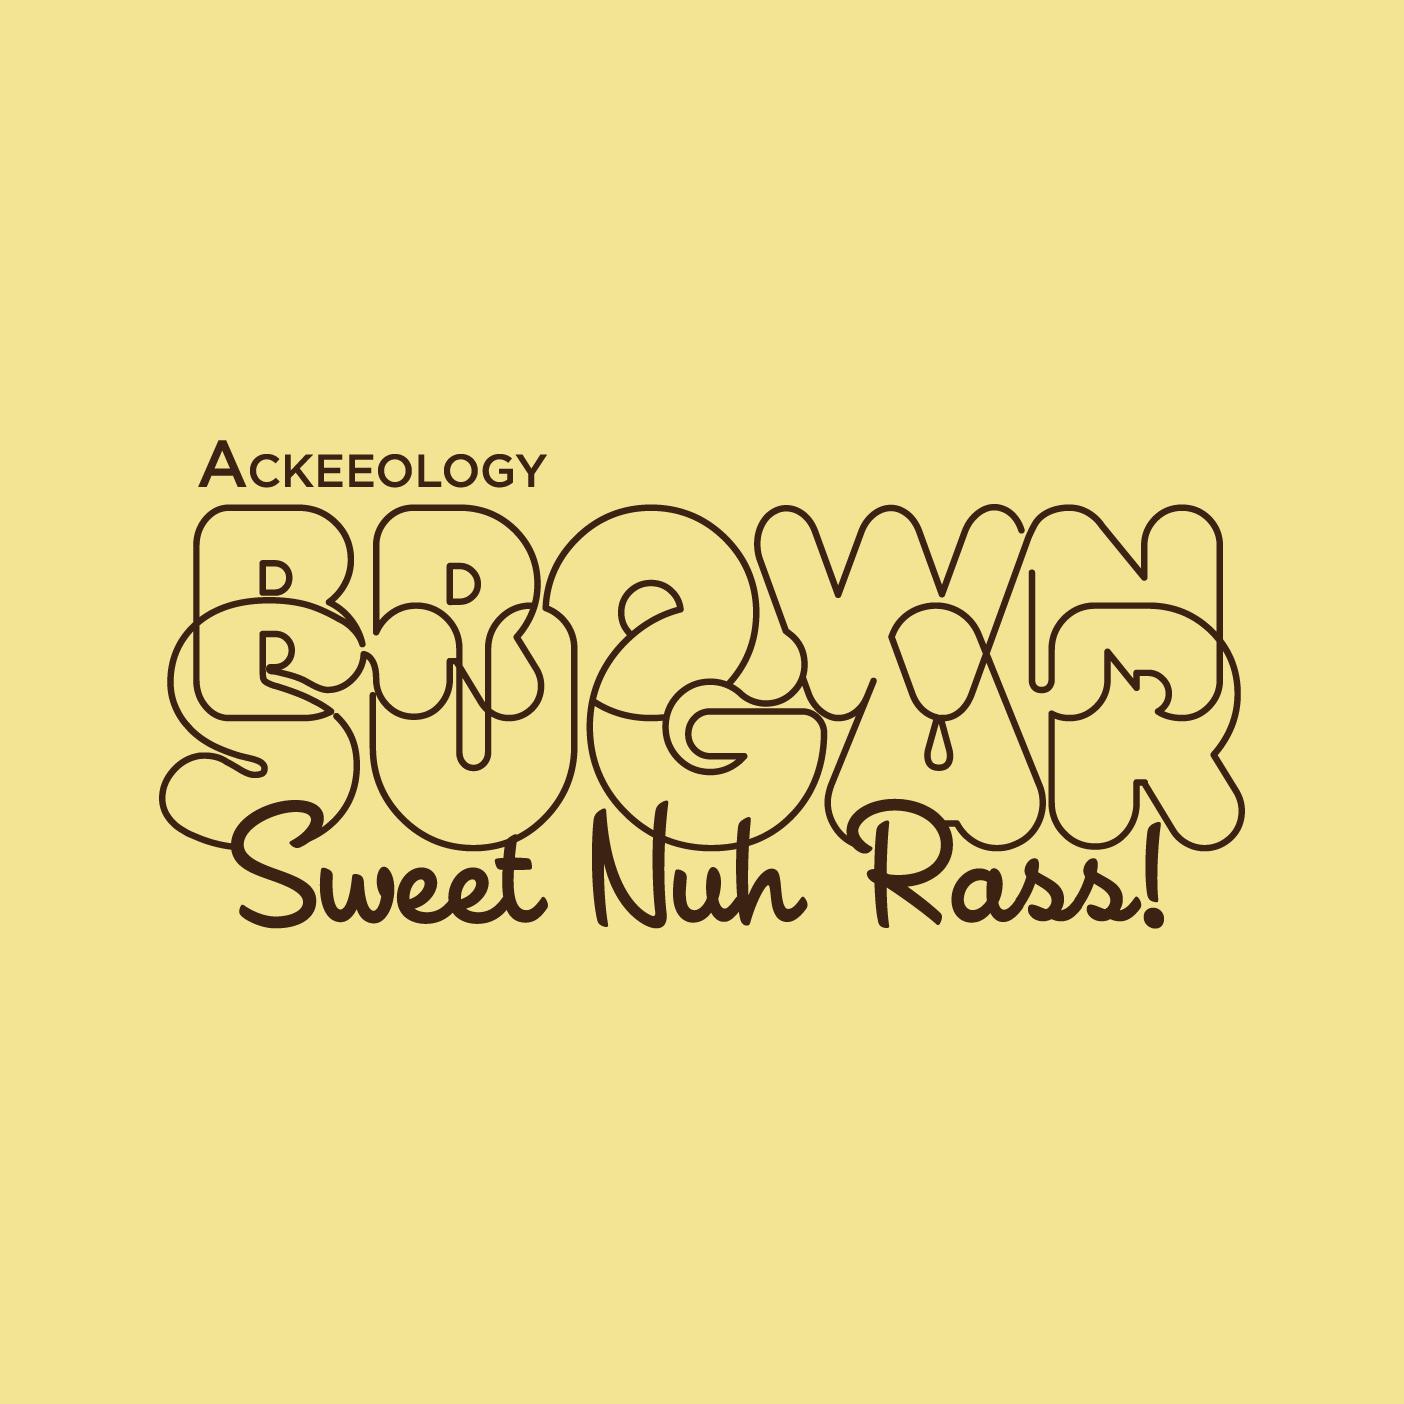 Brown Sugar: Ackeeology